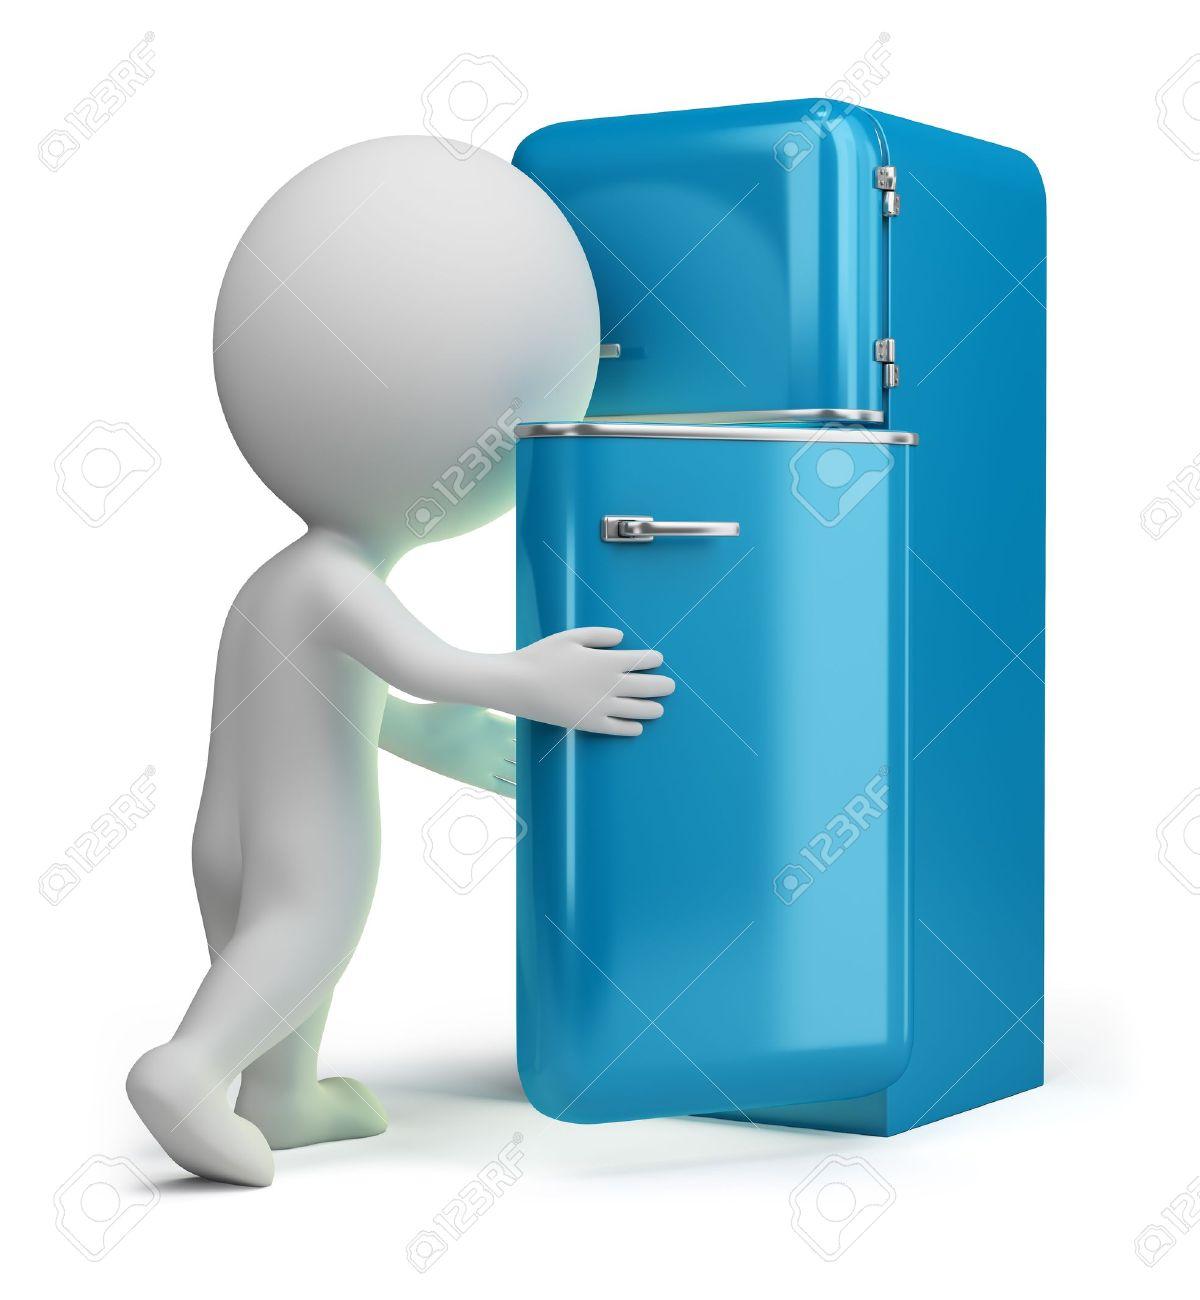 Erfreut Kühlschrank Suchen Galerie - Die Besten Wohnideen ...